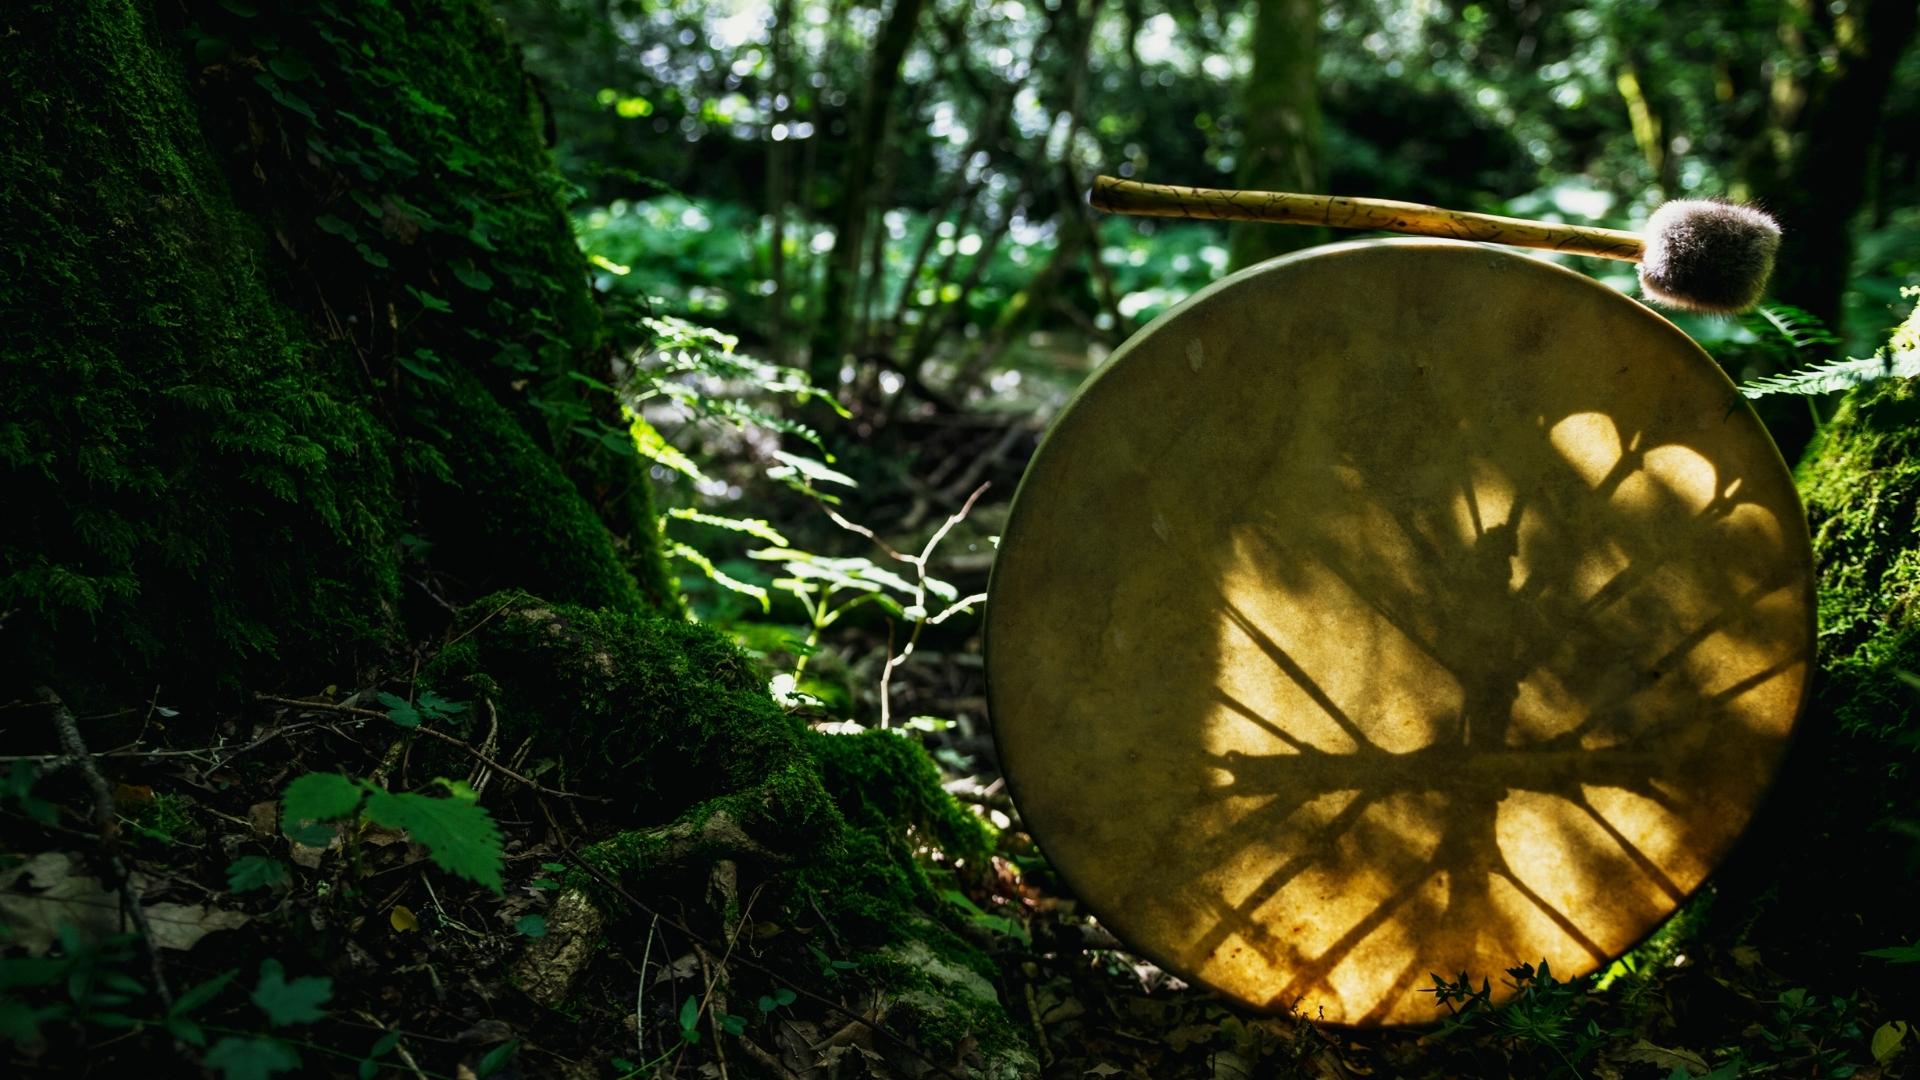 Schamanische Trommel im Wald